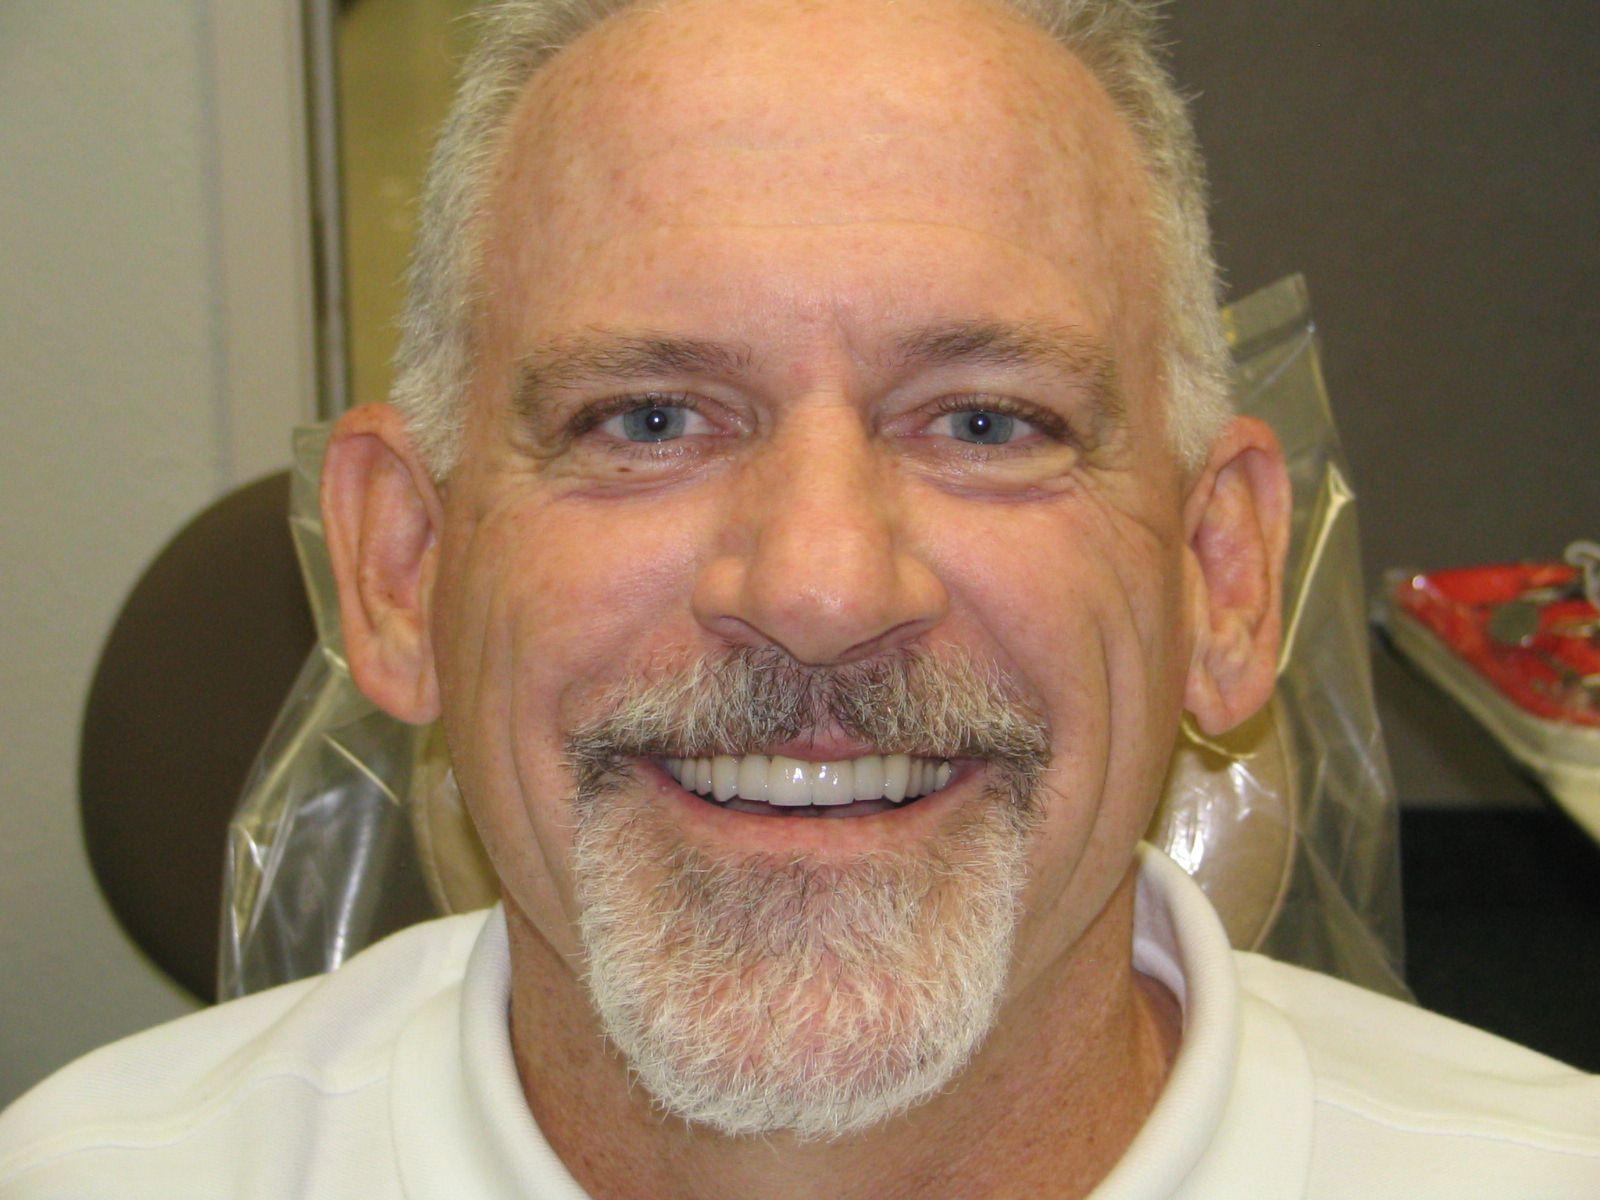 After cosmetic dentistry cosmetic dentistry veneers